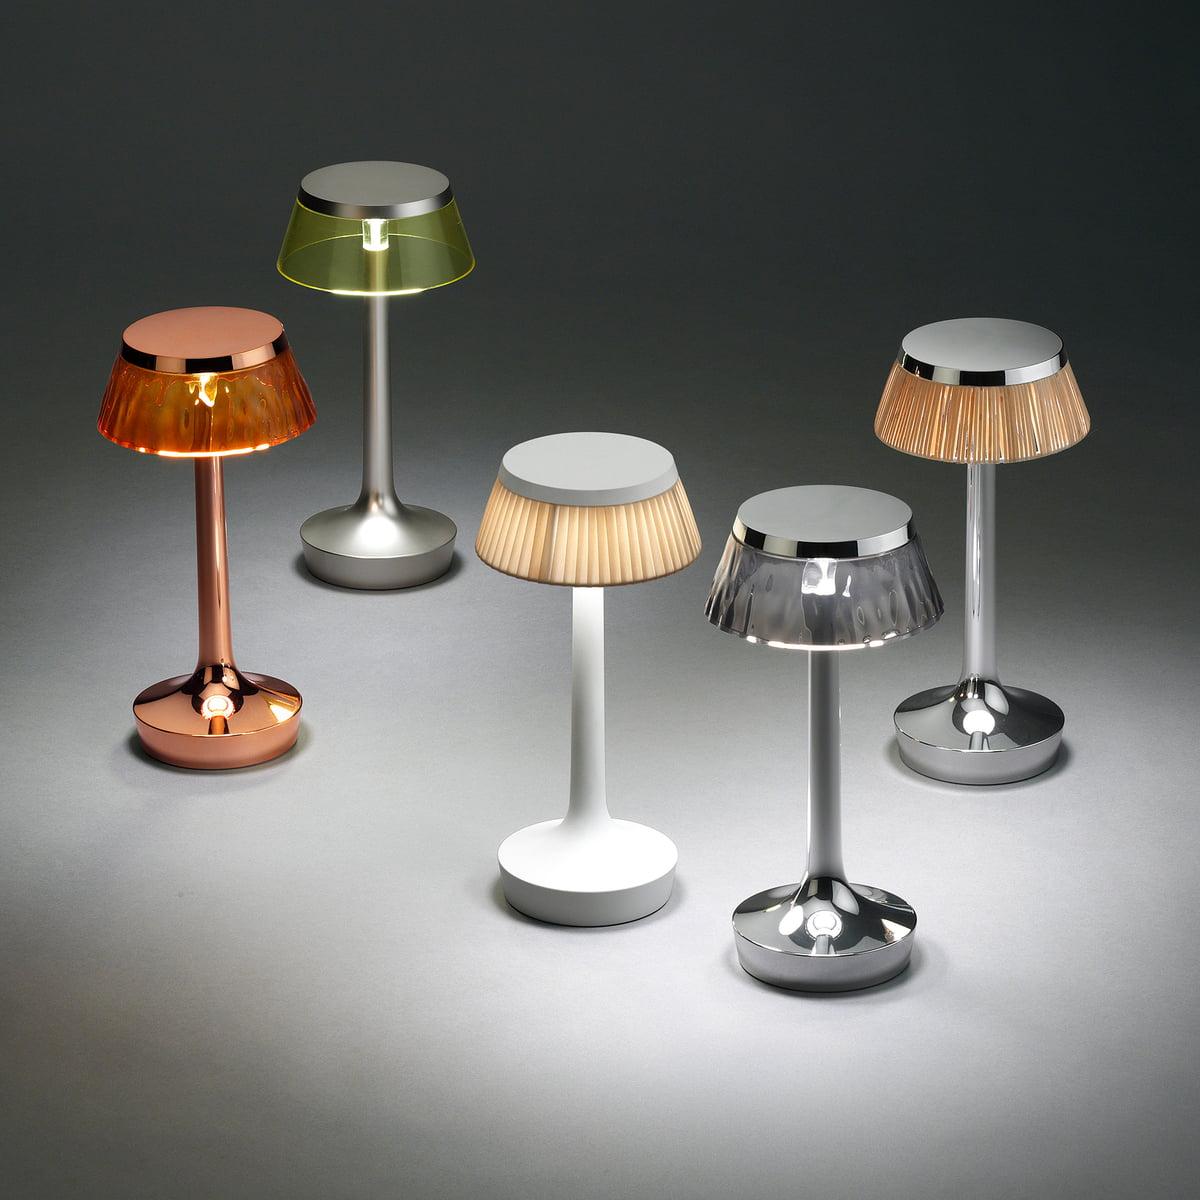 stehlampe ohne kabel tischlampe drahtlos modern kabellose tischlampen with stehlampe ohne kabel. Black Bedroom Furniture Sets. Home Design Ideas